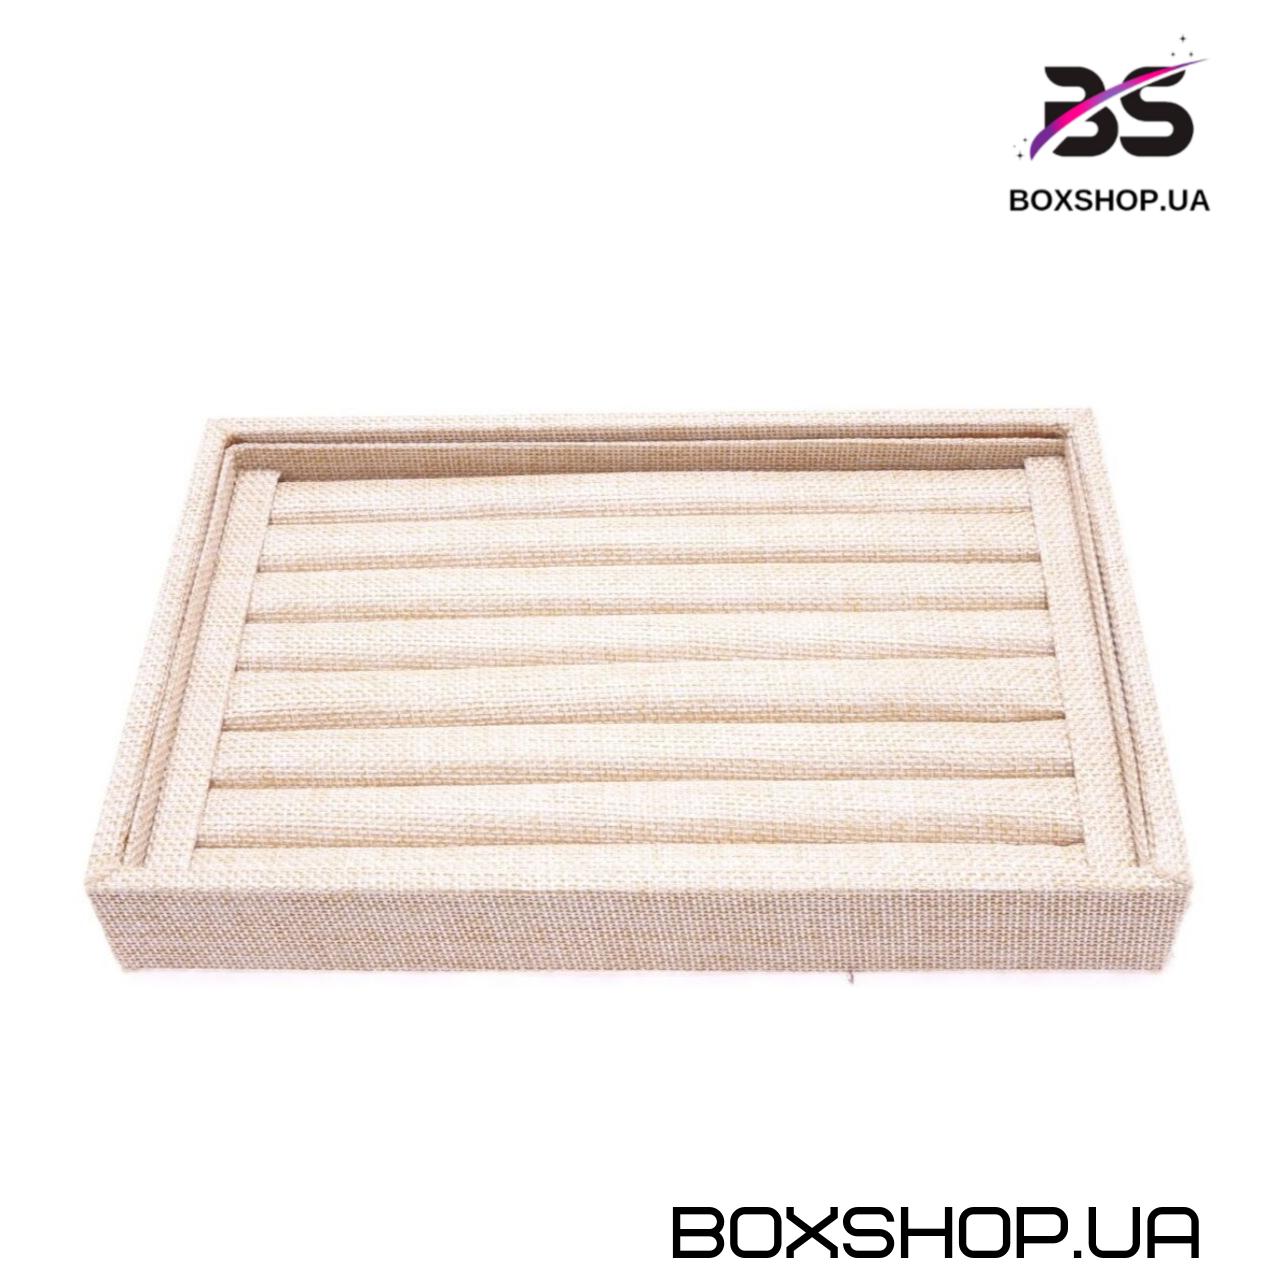 Ювелирный планшет BOXSHOP - 1022169483